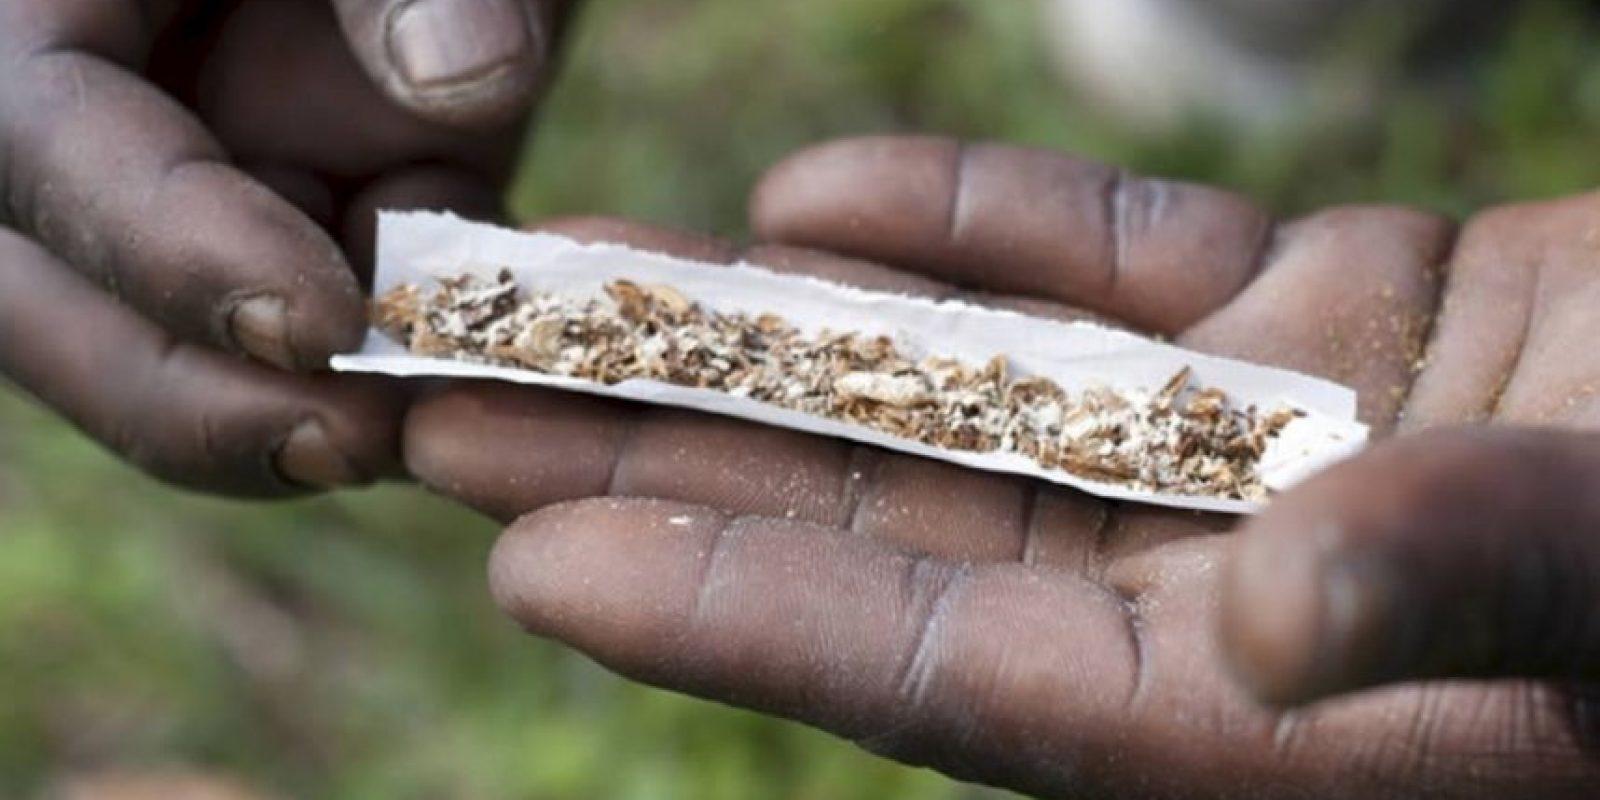 La droga es altamente adictiva y puede causar graves problemas de salud, tales como hemorragias internas, úlceras de estómago y finalmente la muerte. Foto:vía Wikipedia